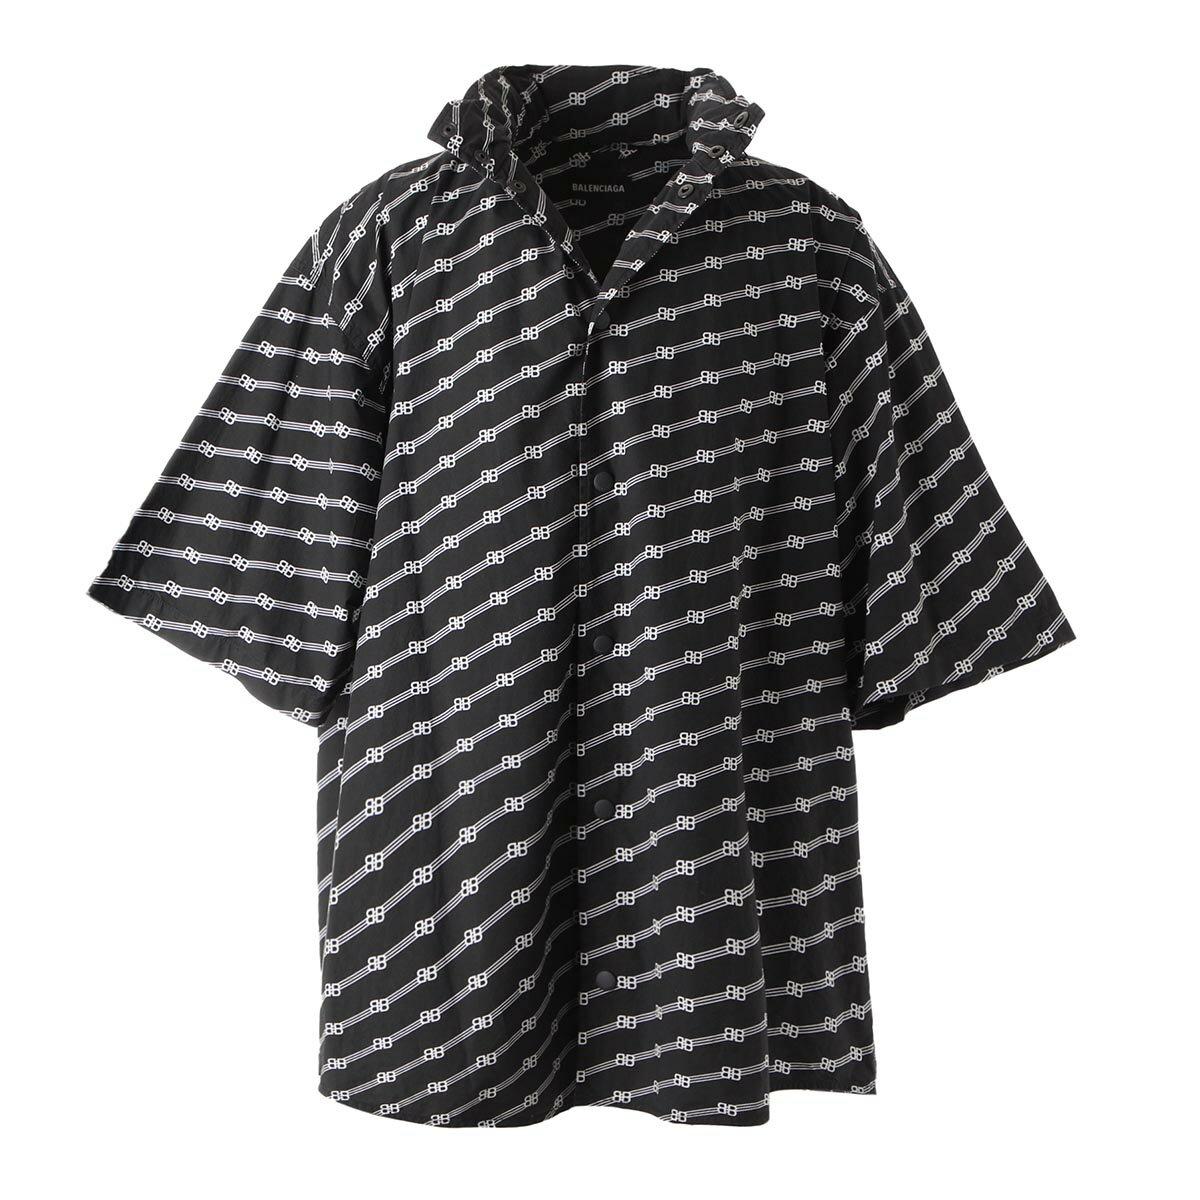 トップス, カジュアルシャツ  BALENCIAGA 622223 tils7 1070 WINDBREAKER SHIRT